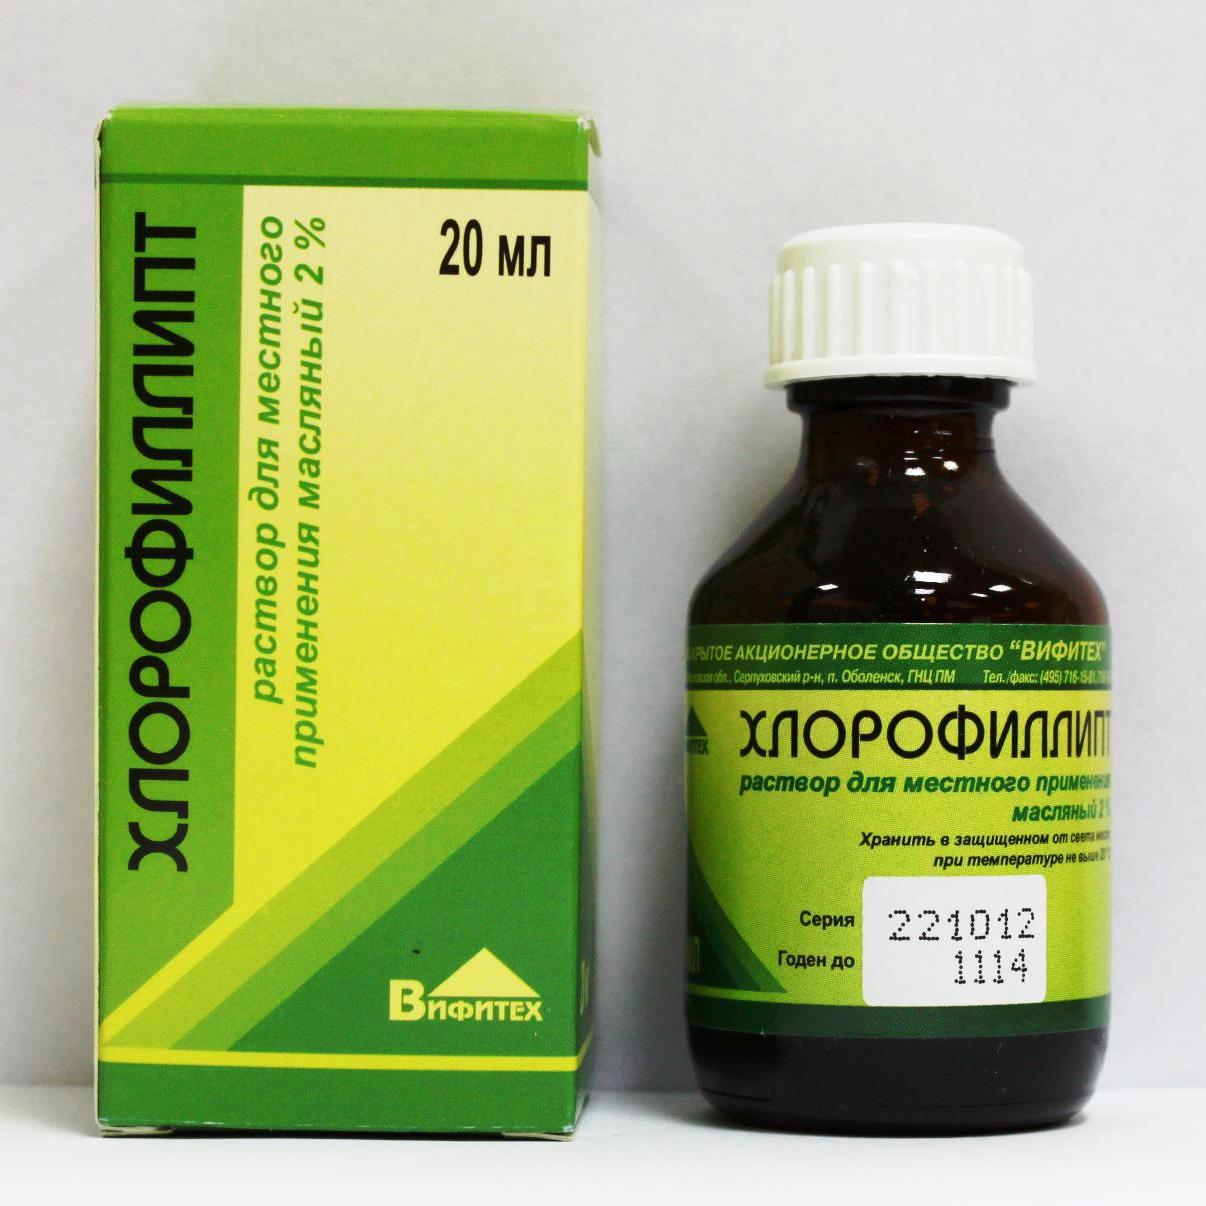 Хлорофиллипт можно ли беременным